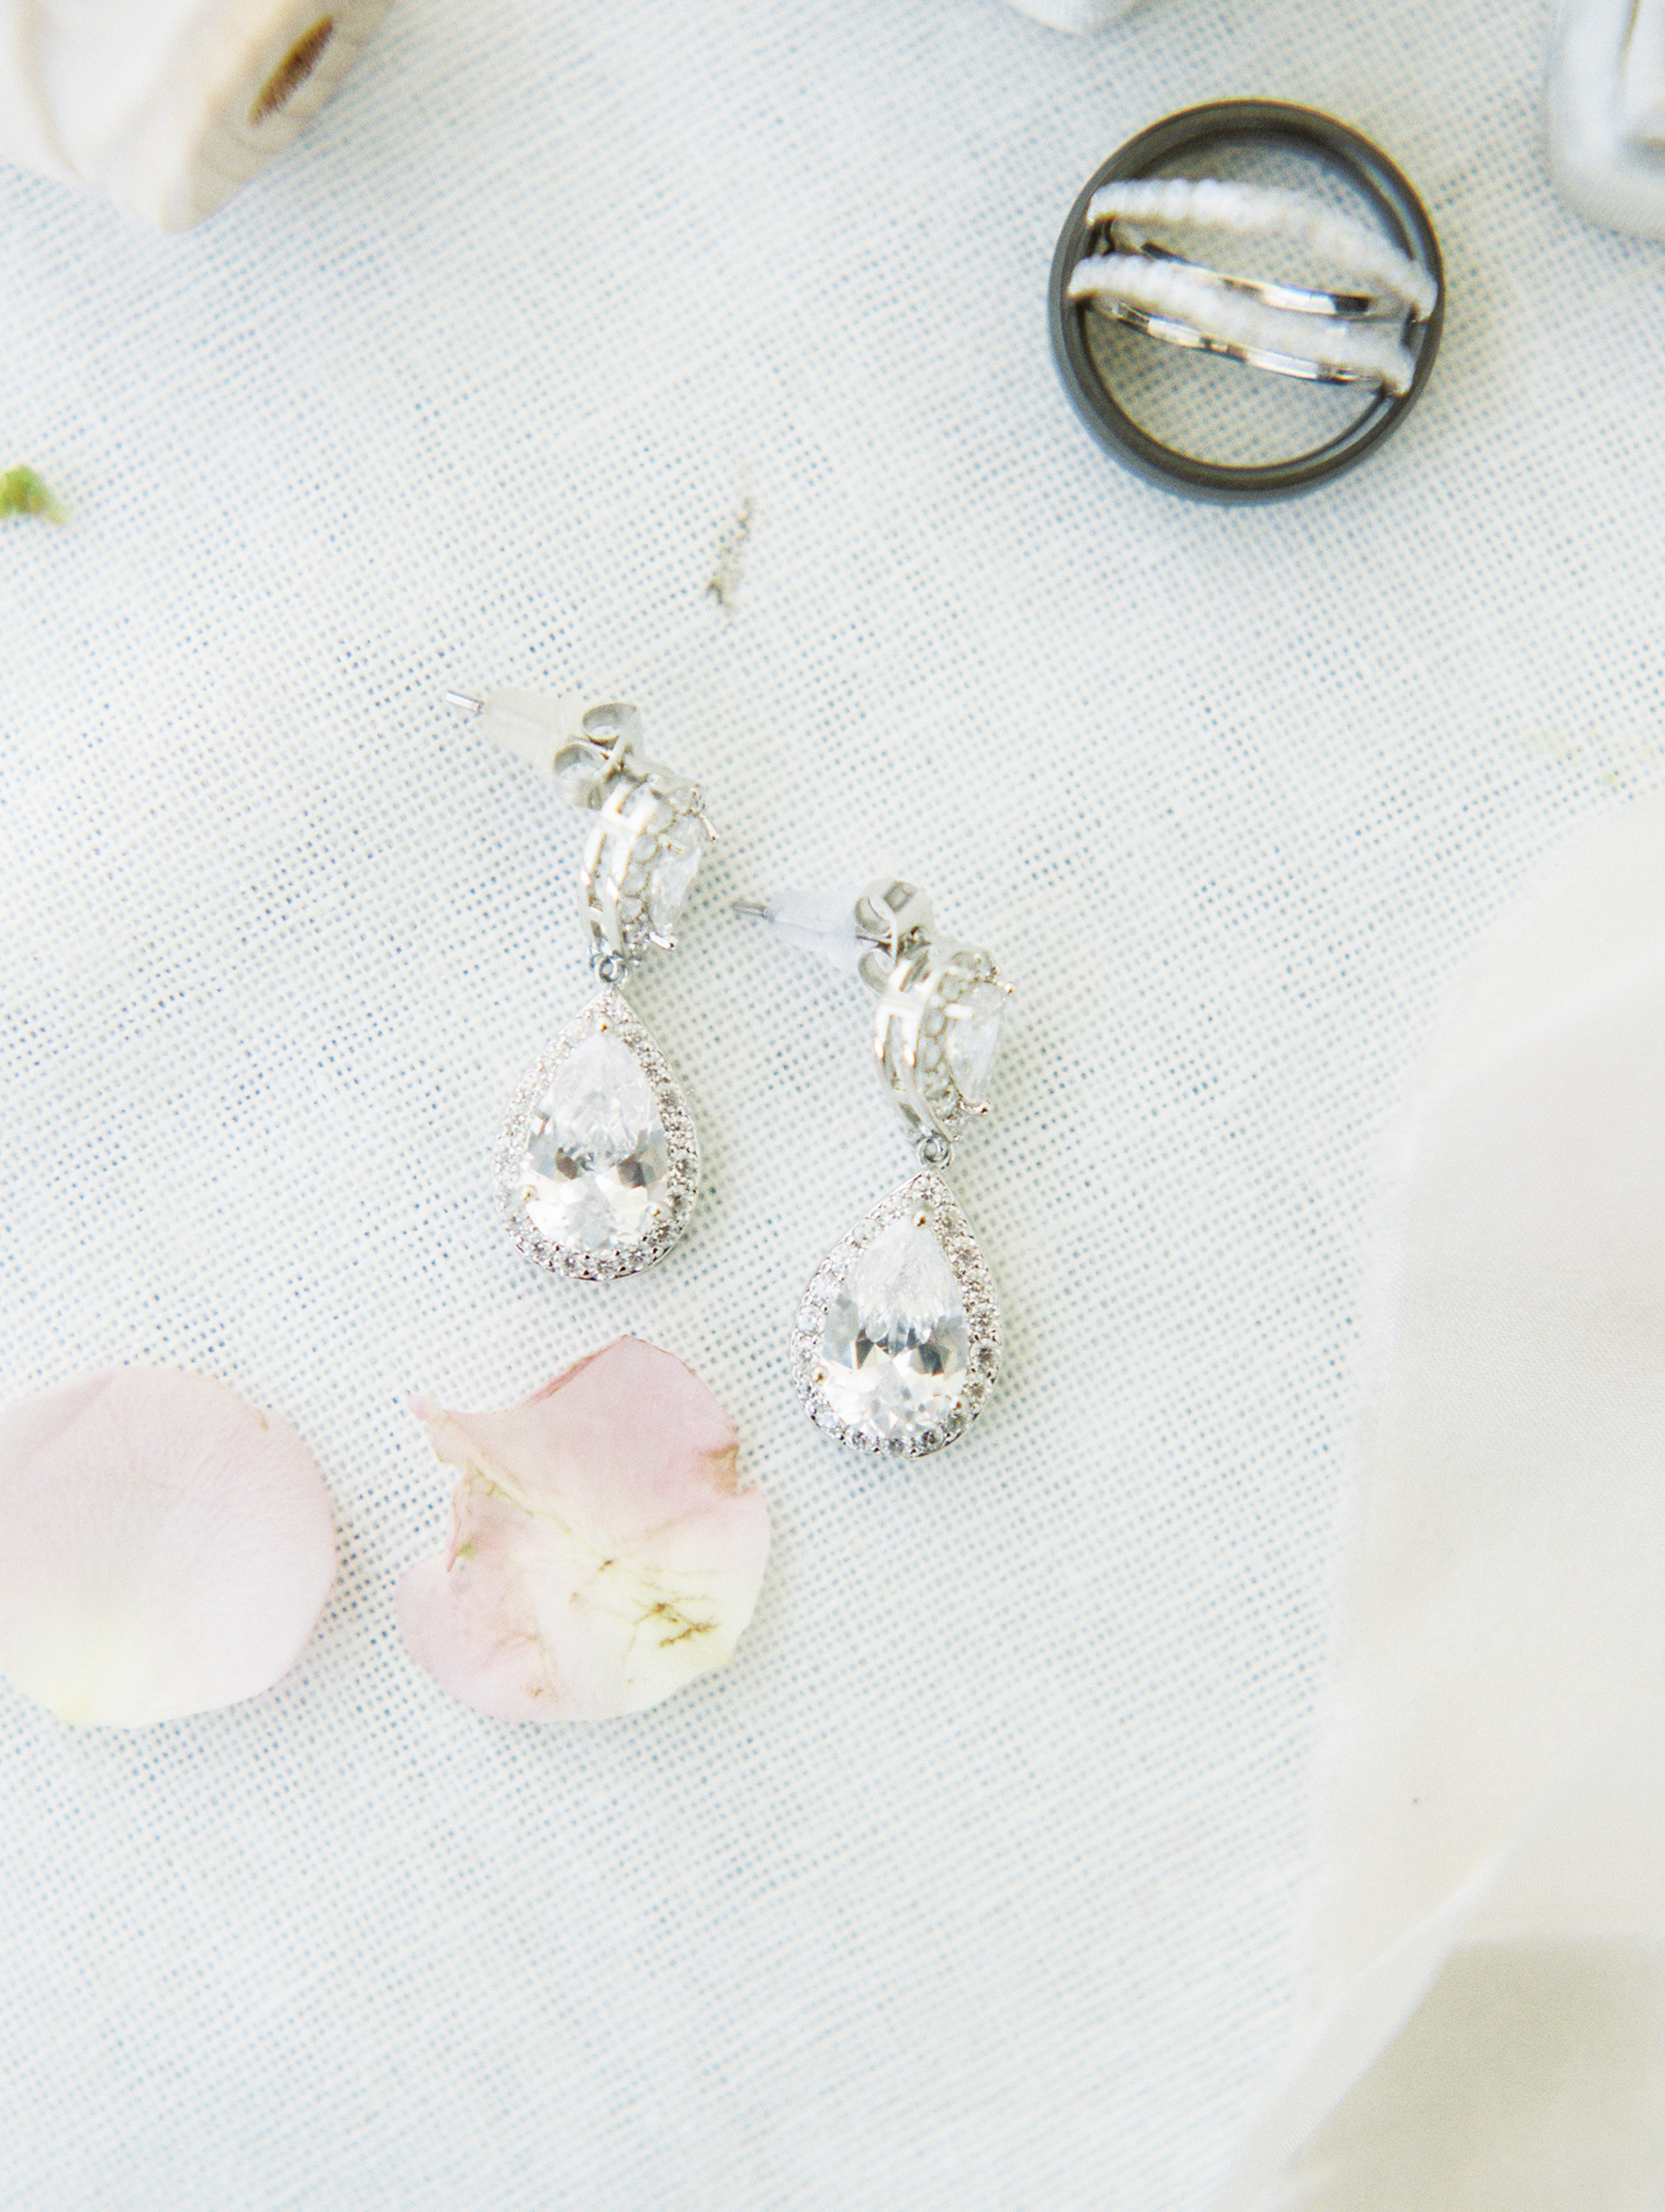 Noss+Wedding+Details-46.jpg